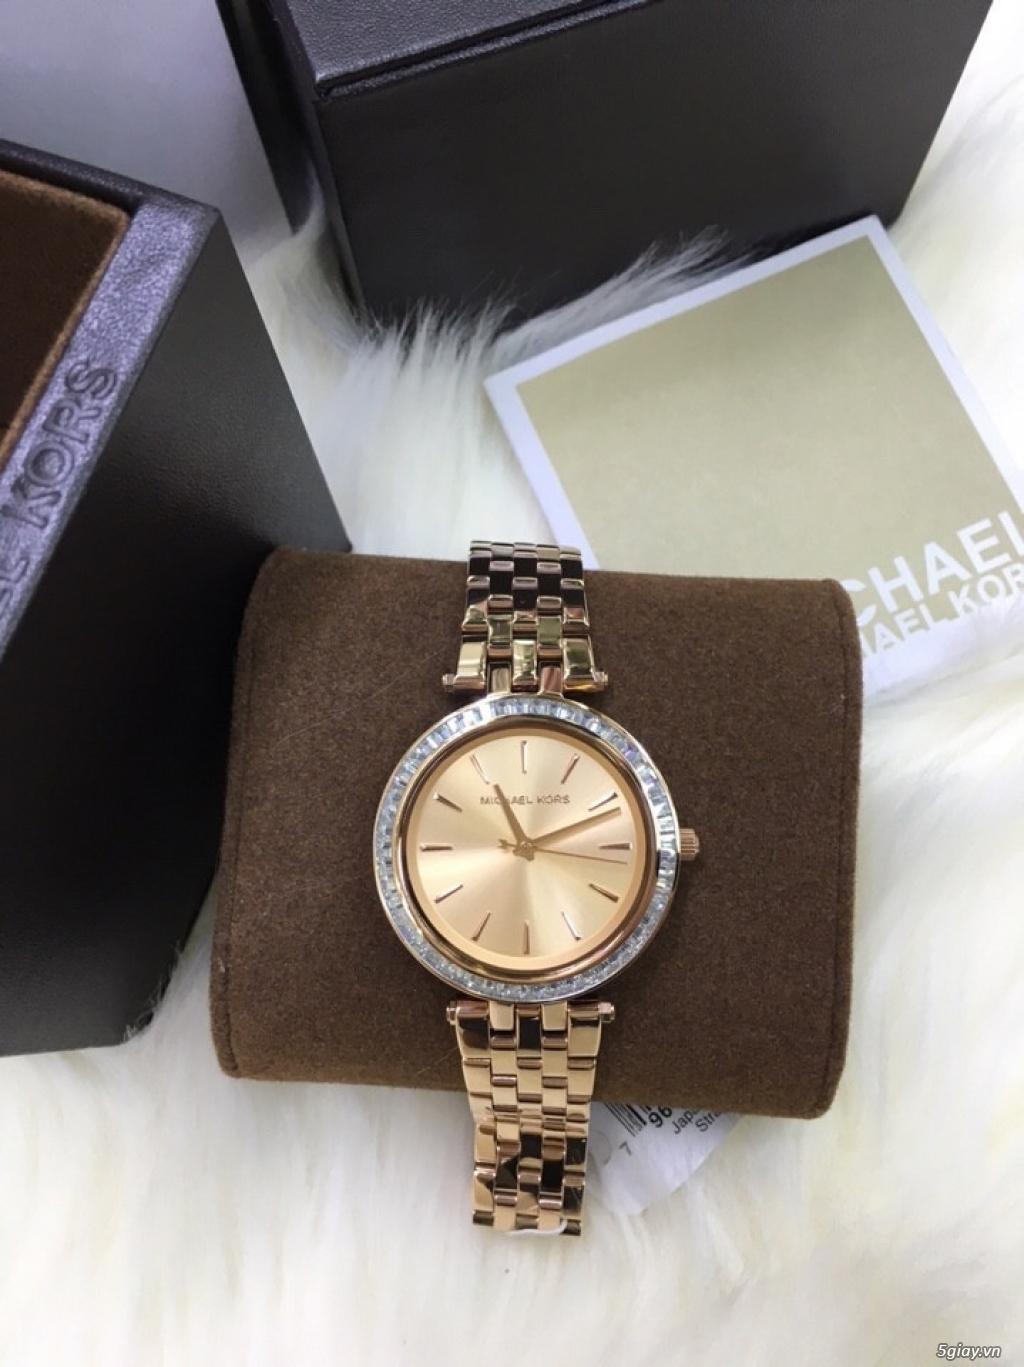 Đồng hồ chính hãng Michael Kors giá rẻ - 18